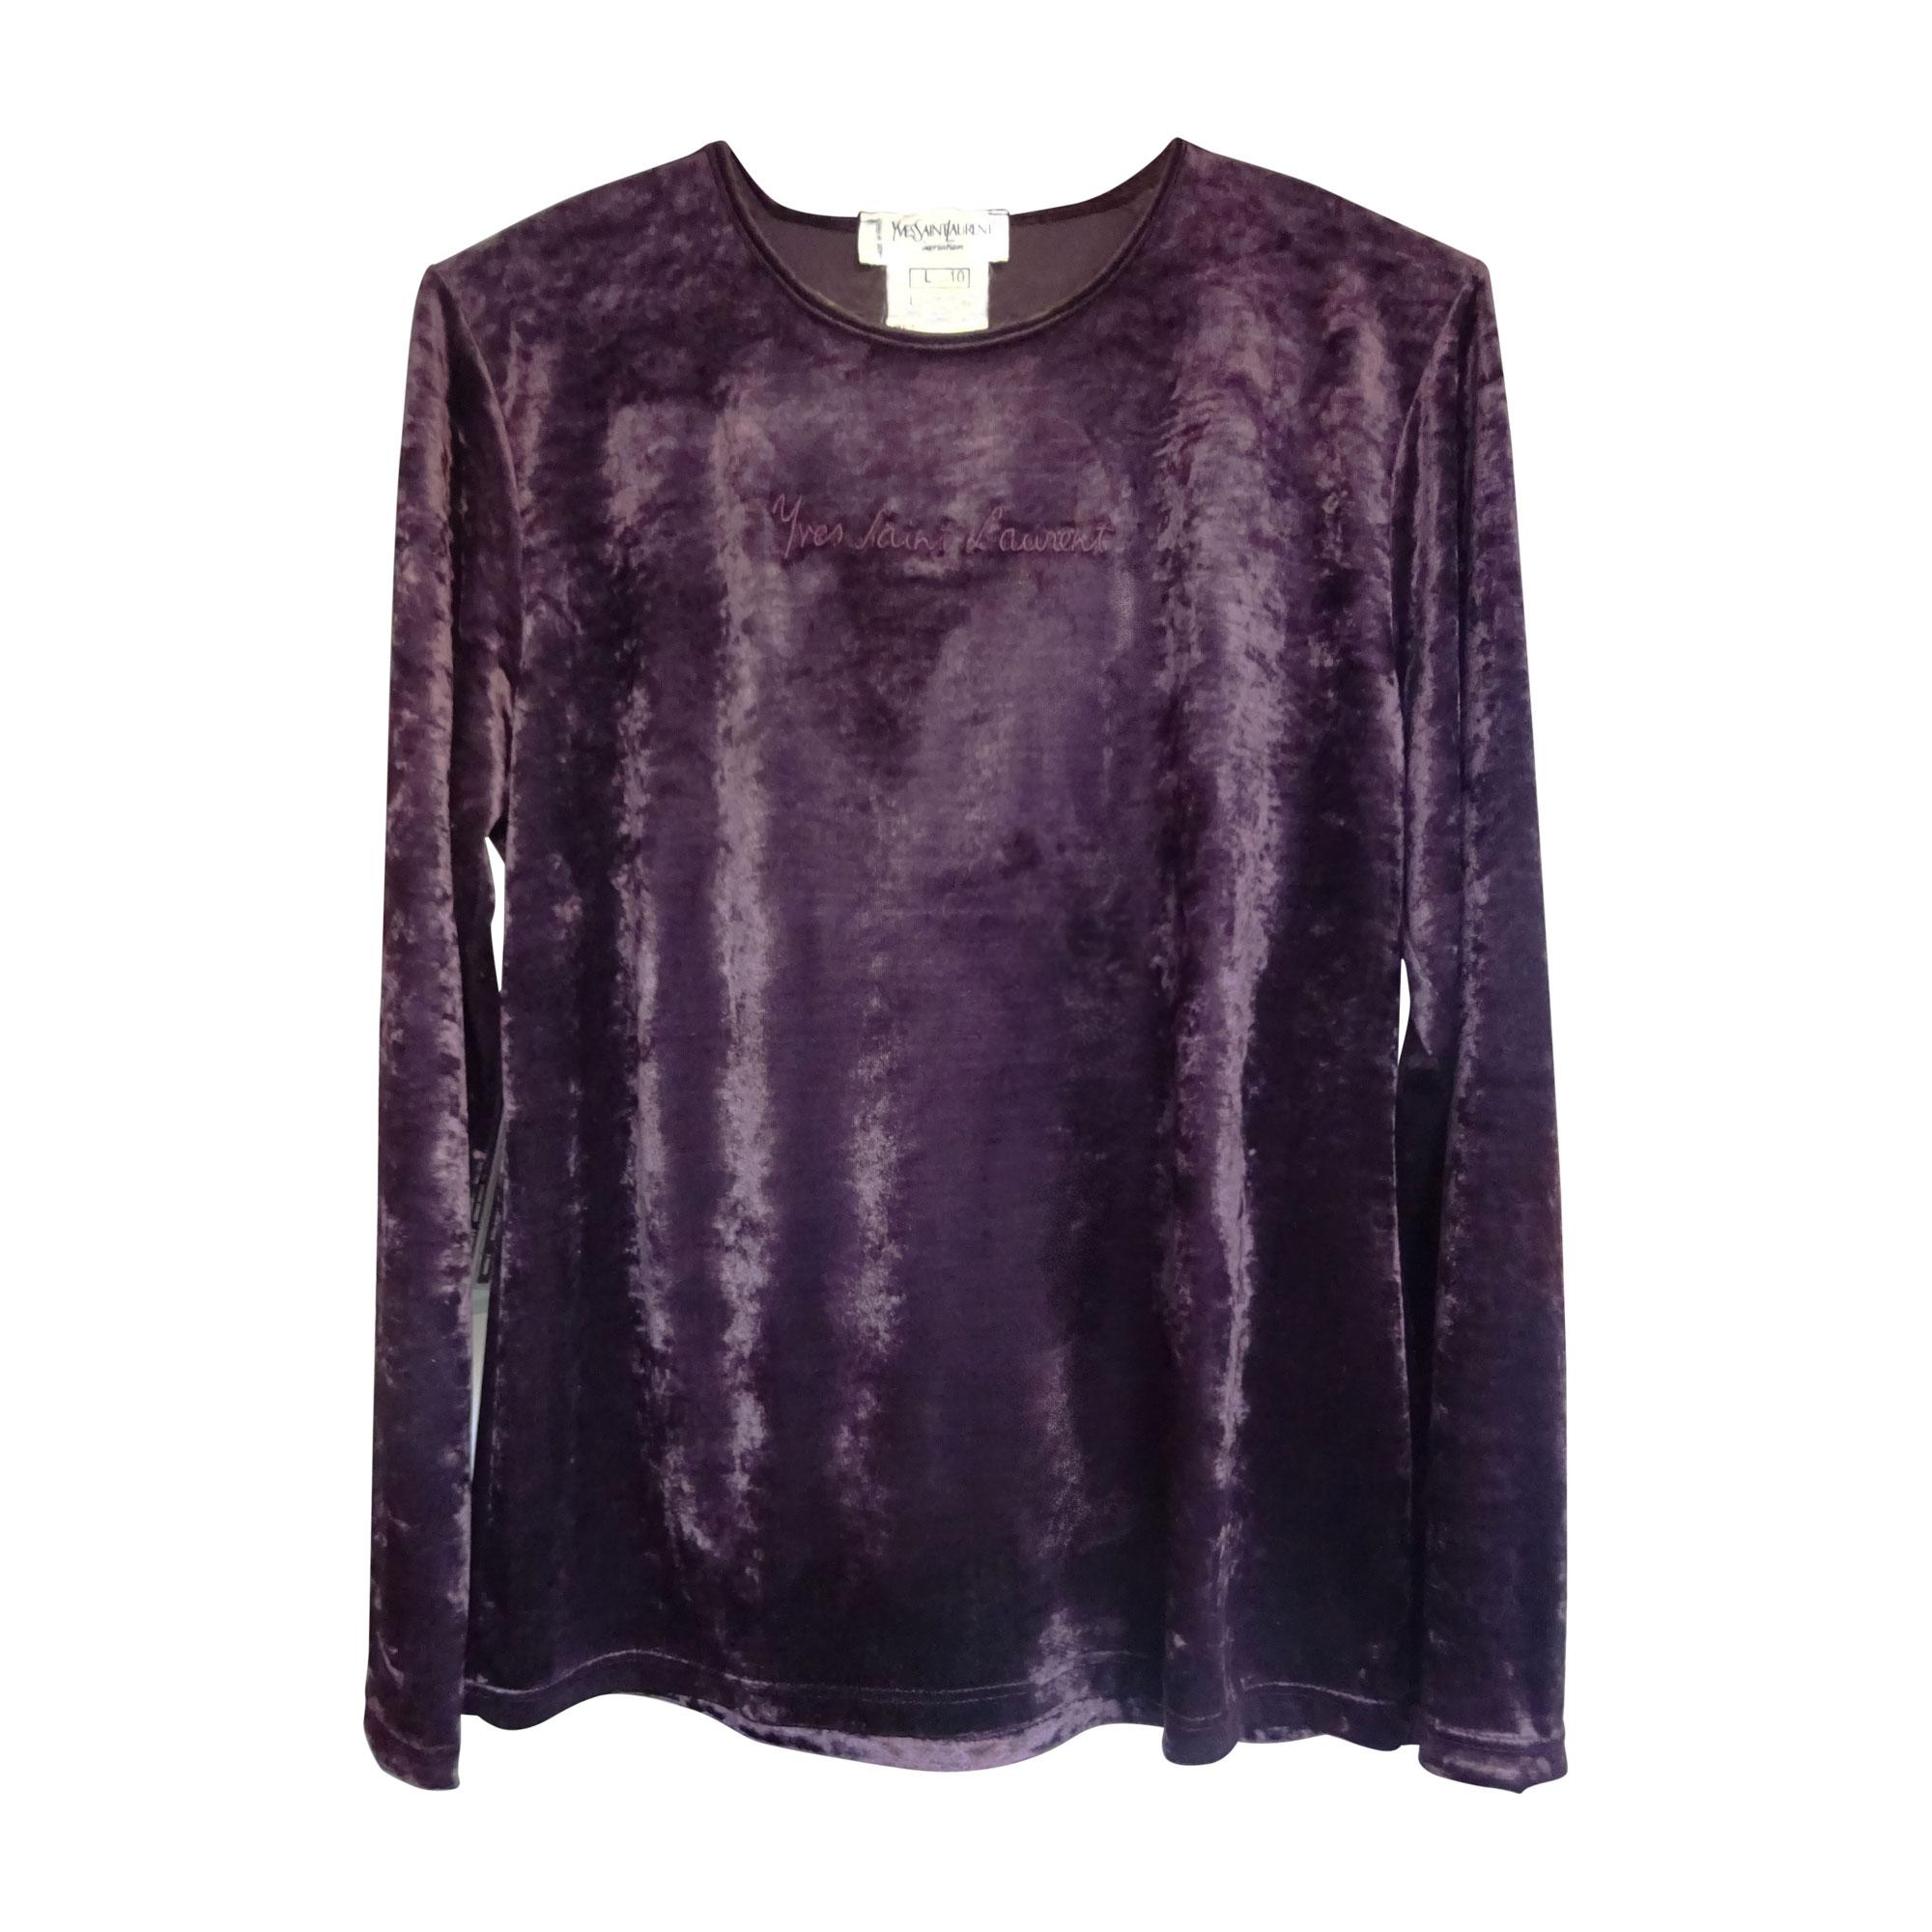 top tee shirt yves saint laurent 40 l t3 violet 5001808. Black Bedroom Furniture Sets. Home Design Ideas